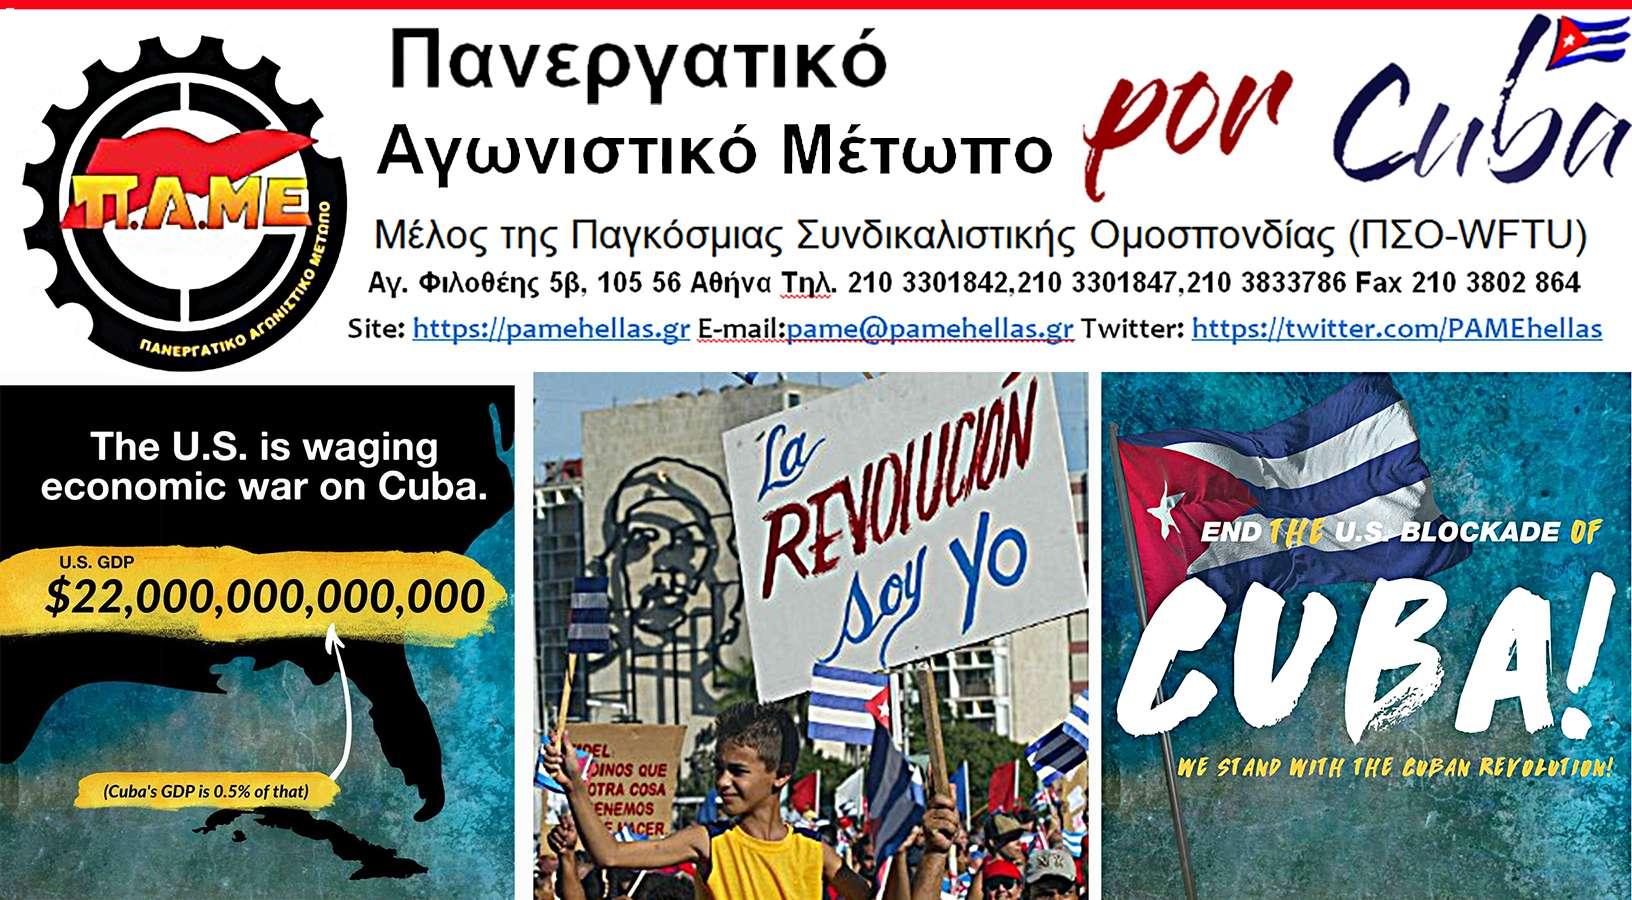 Συνεχίζονται τα ψηφίσματα αλληλεγγύης στο λαό της Κούβας